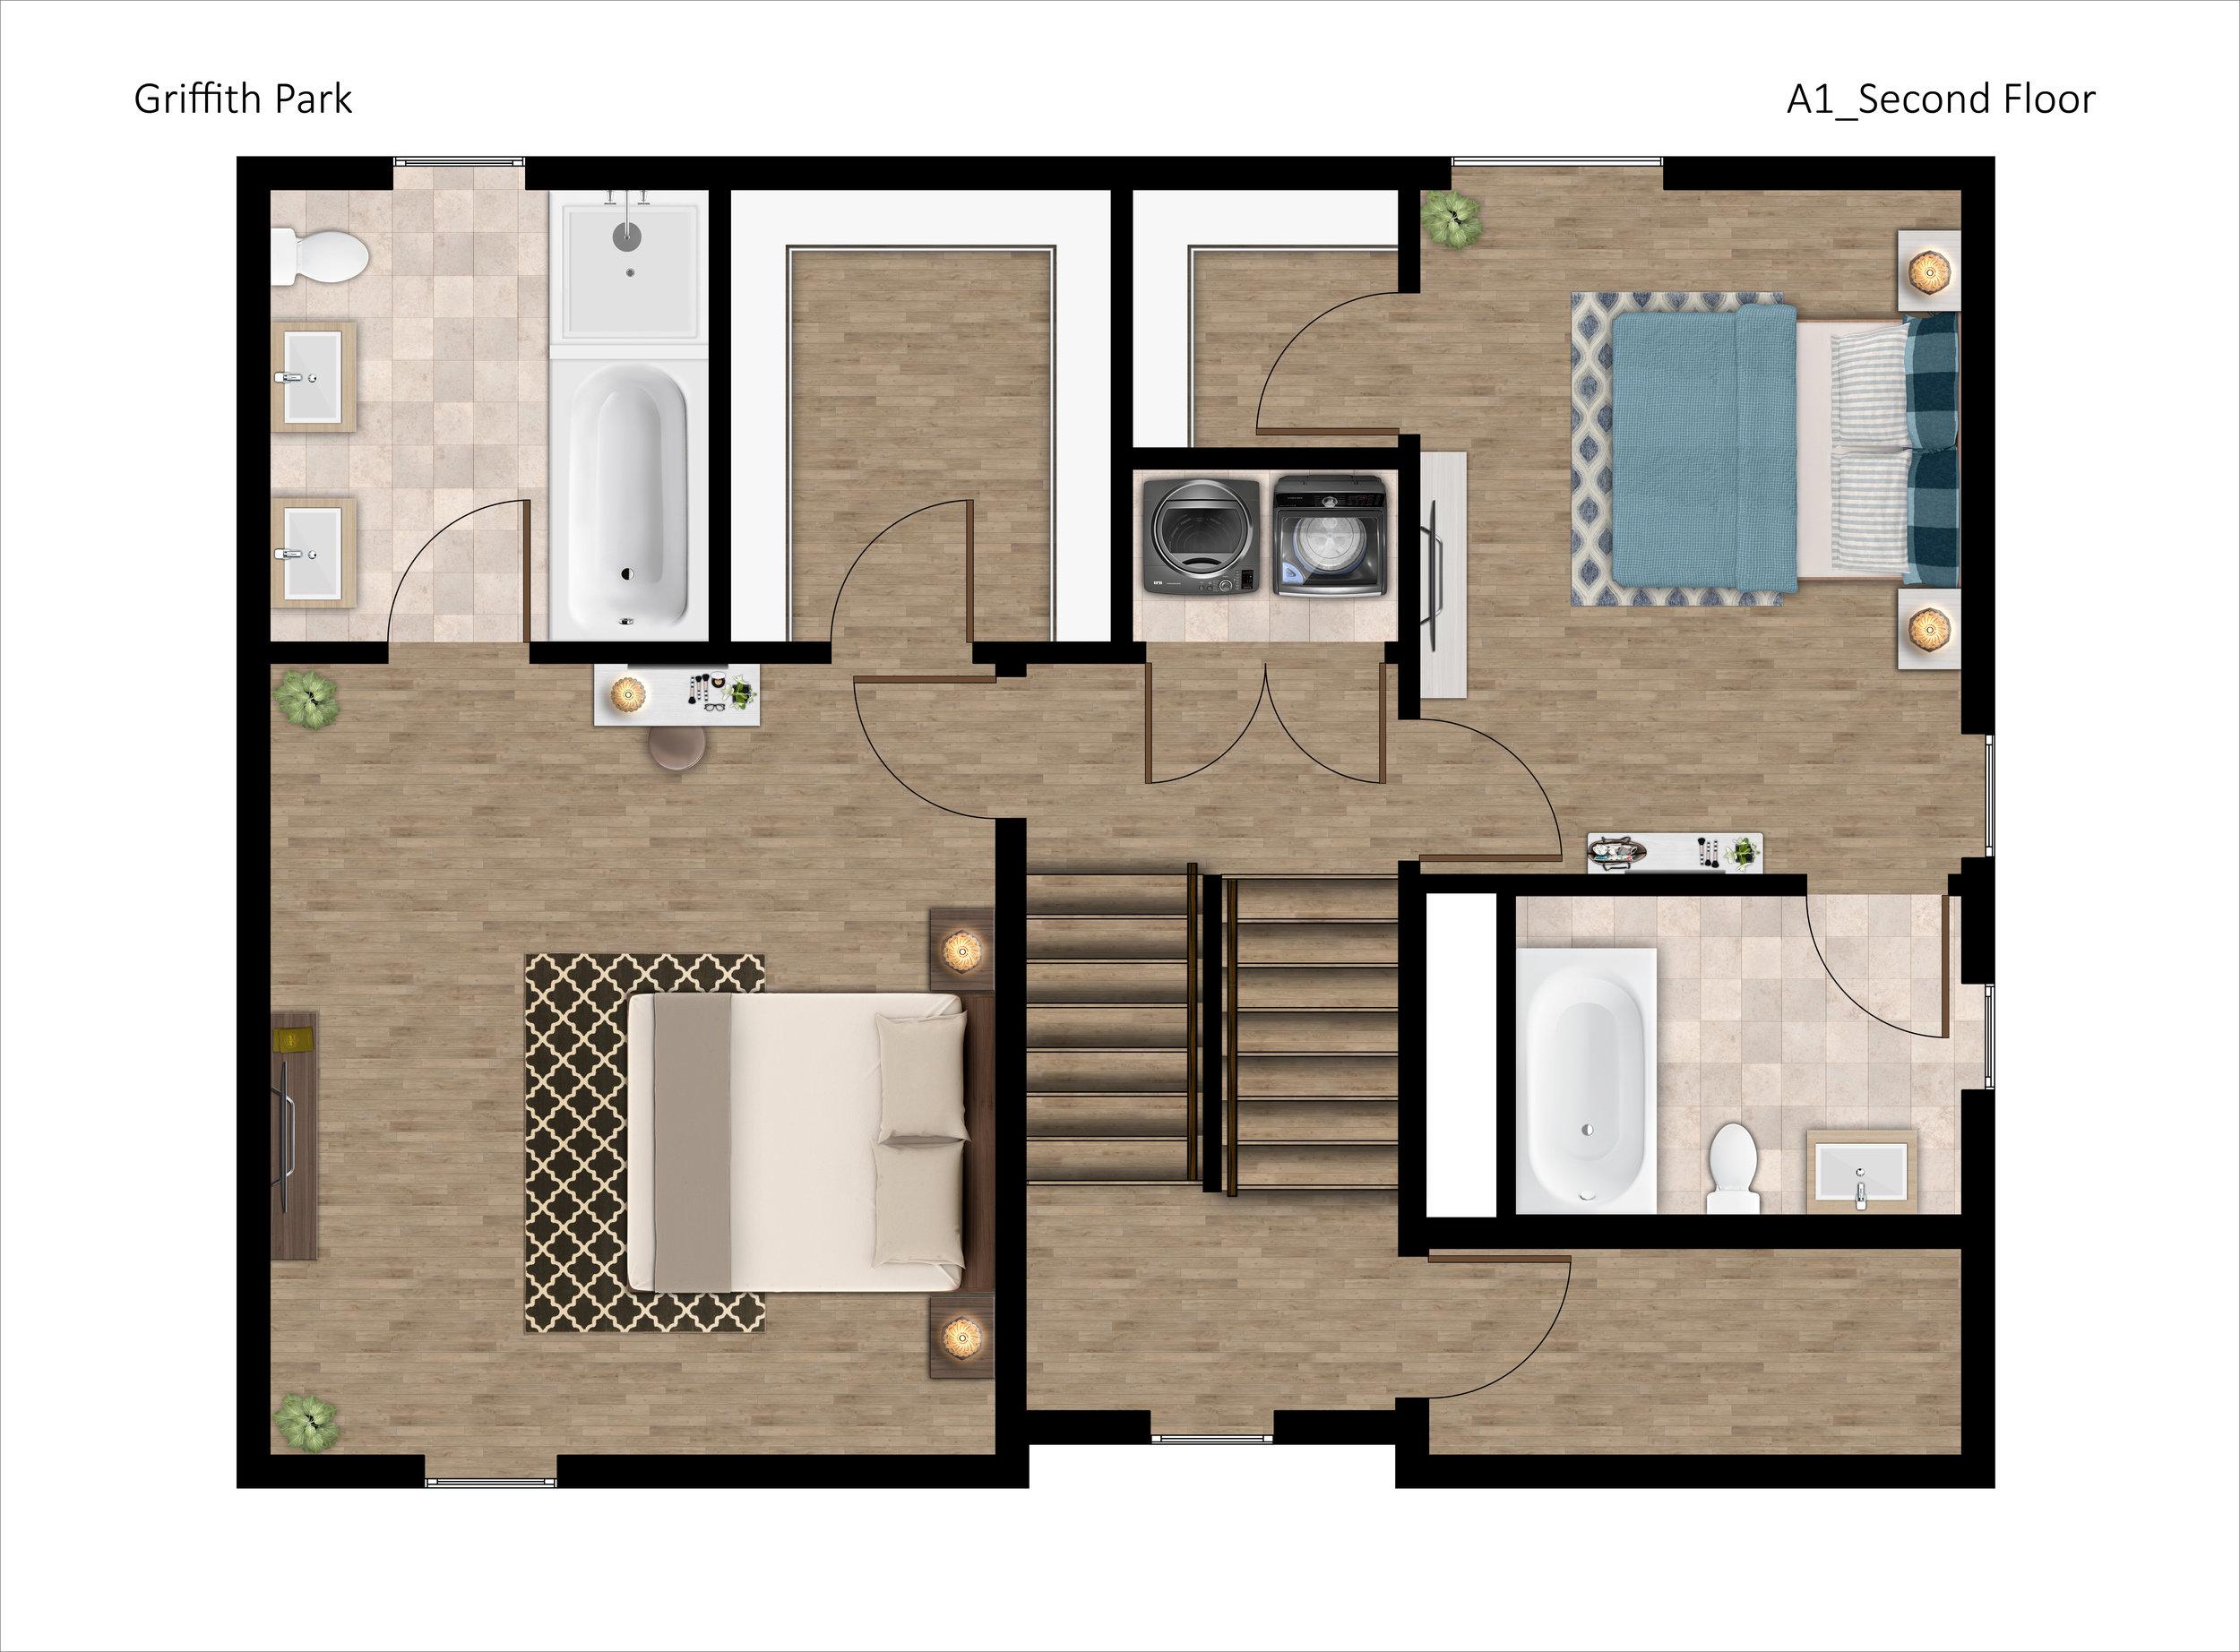 Griffith_Park_A1_Second Floor_FNL.jpg